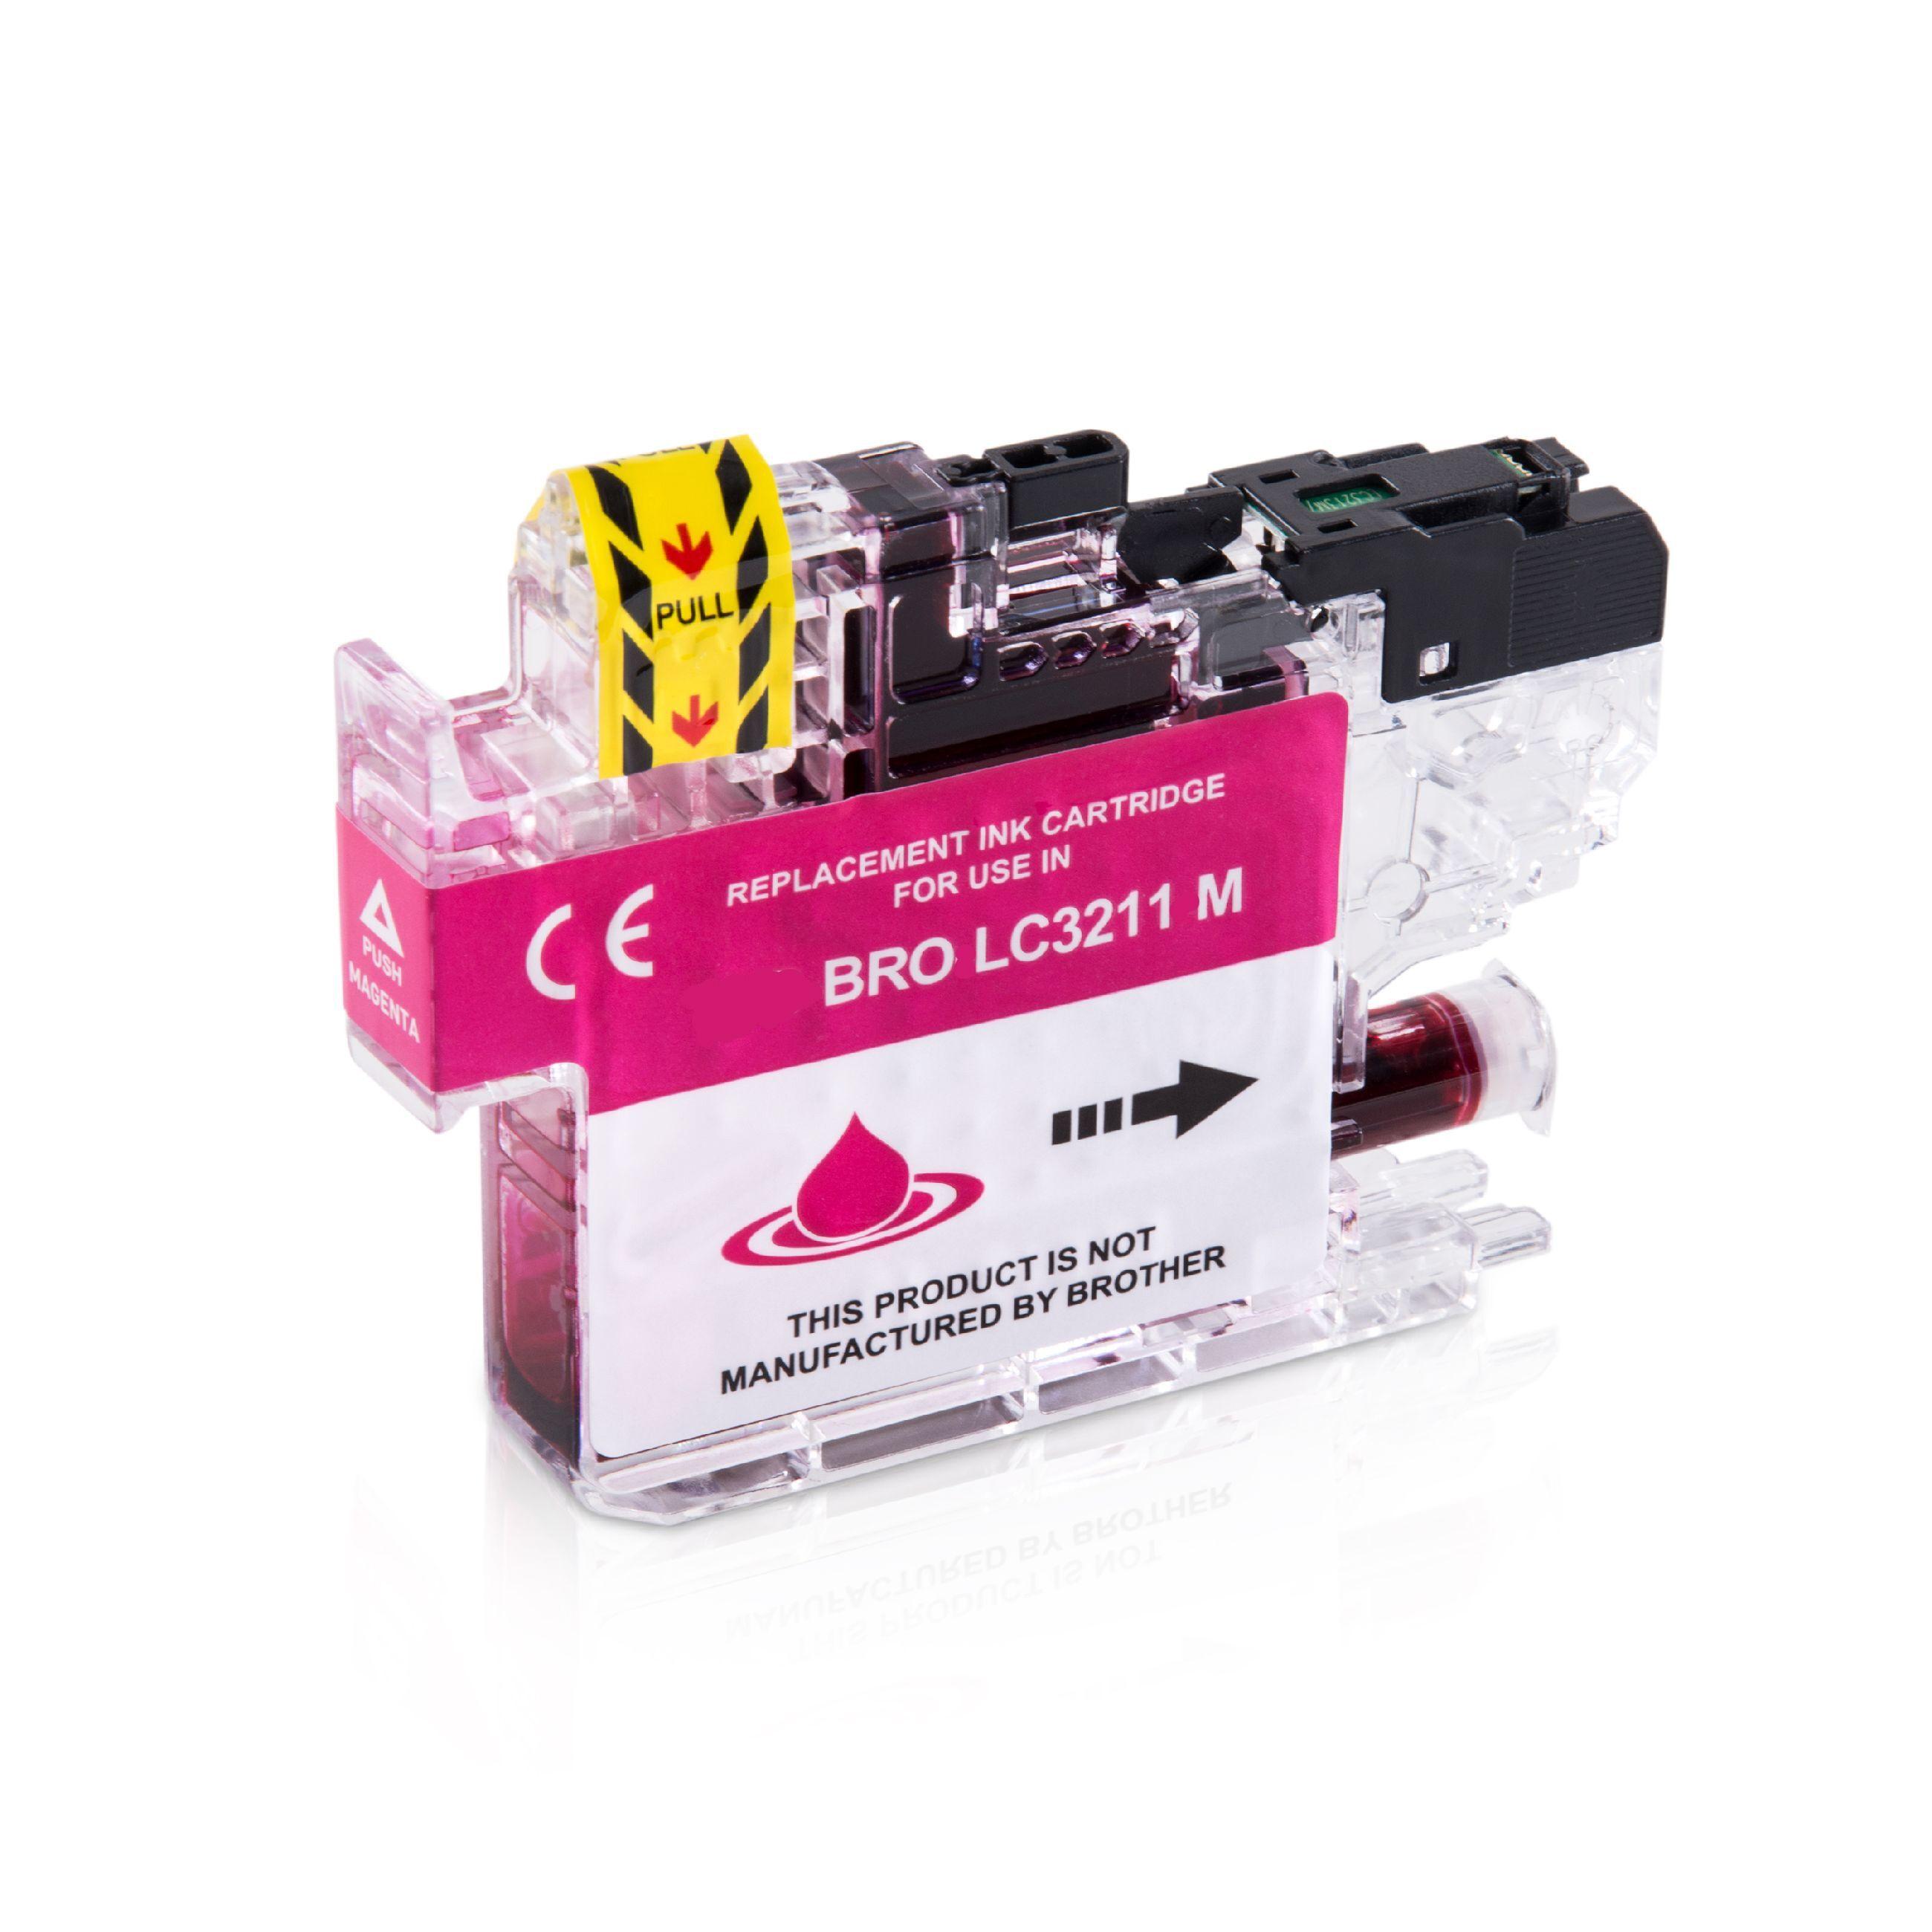 Brother Cartouche d'encre pour Brother LC3211M magenta compatible (de marque ASC)